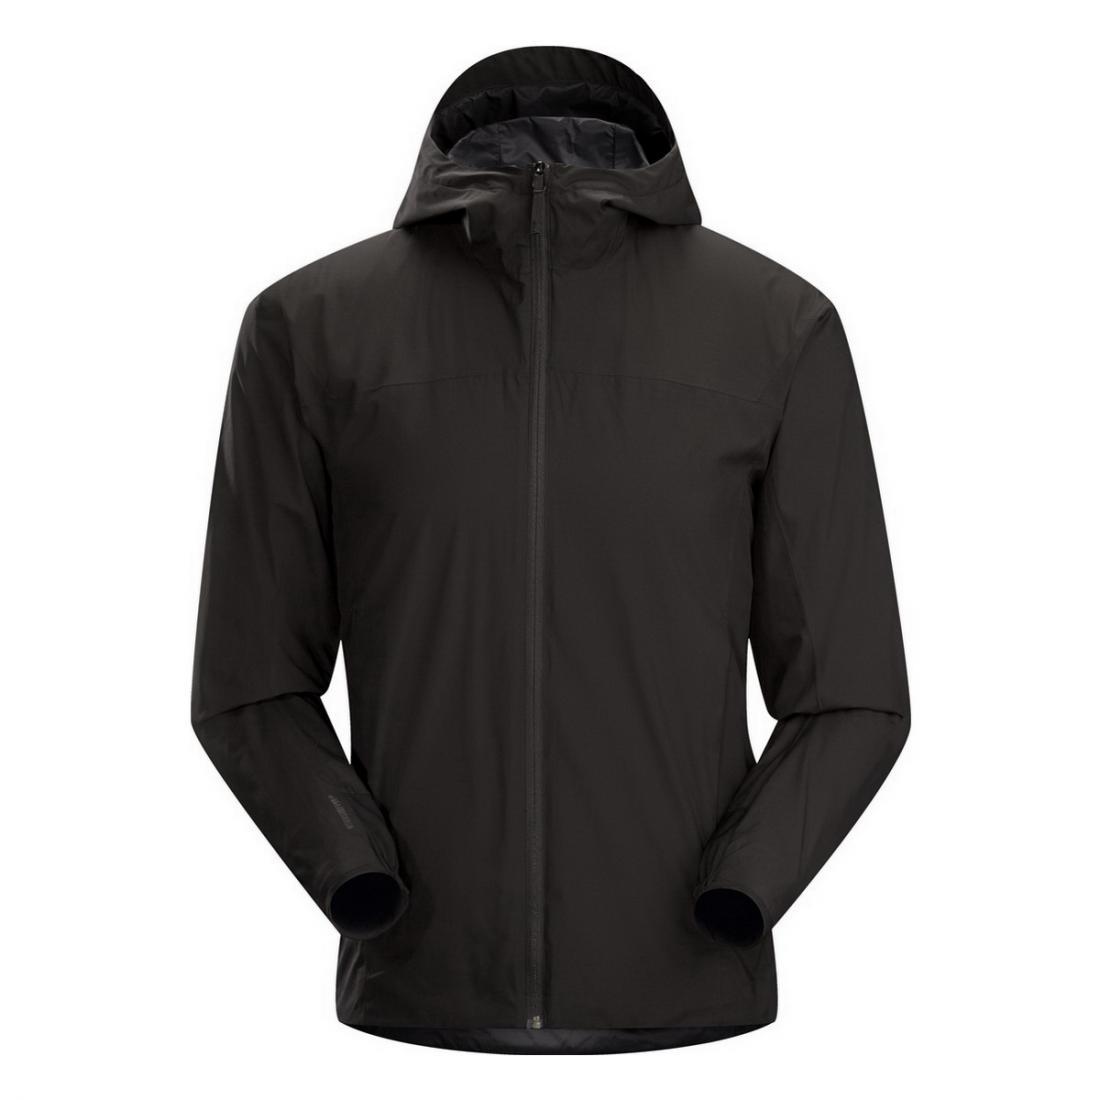 Куртка Solano муж.Куртки<br><br> Куртка Arcteryx Solano Jacket создана для активных мужчин, которые ценят свободу и комфорт во время путешествий и отдыха. Модель отличается влаго...<br><br>Цвет: Черный<br>Размер: L